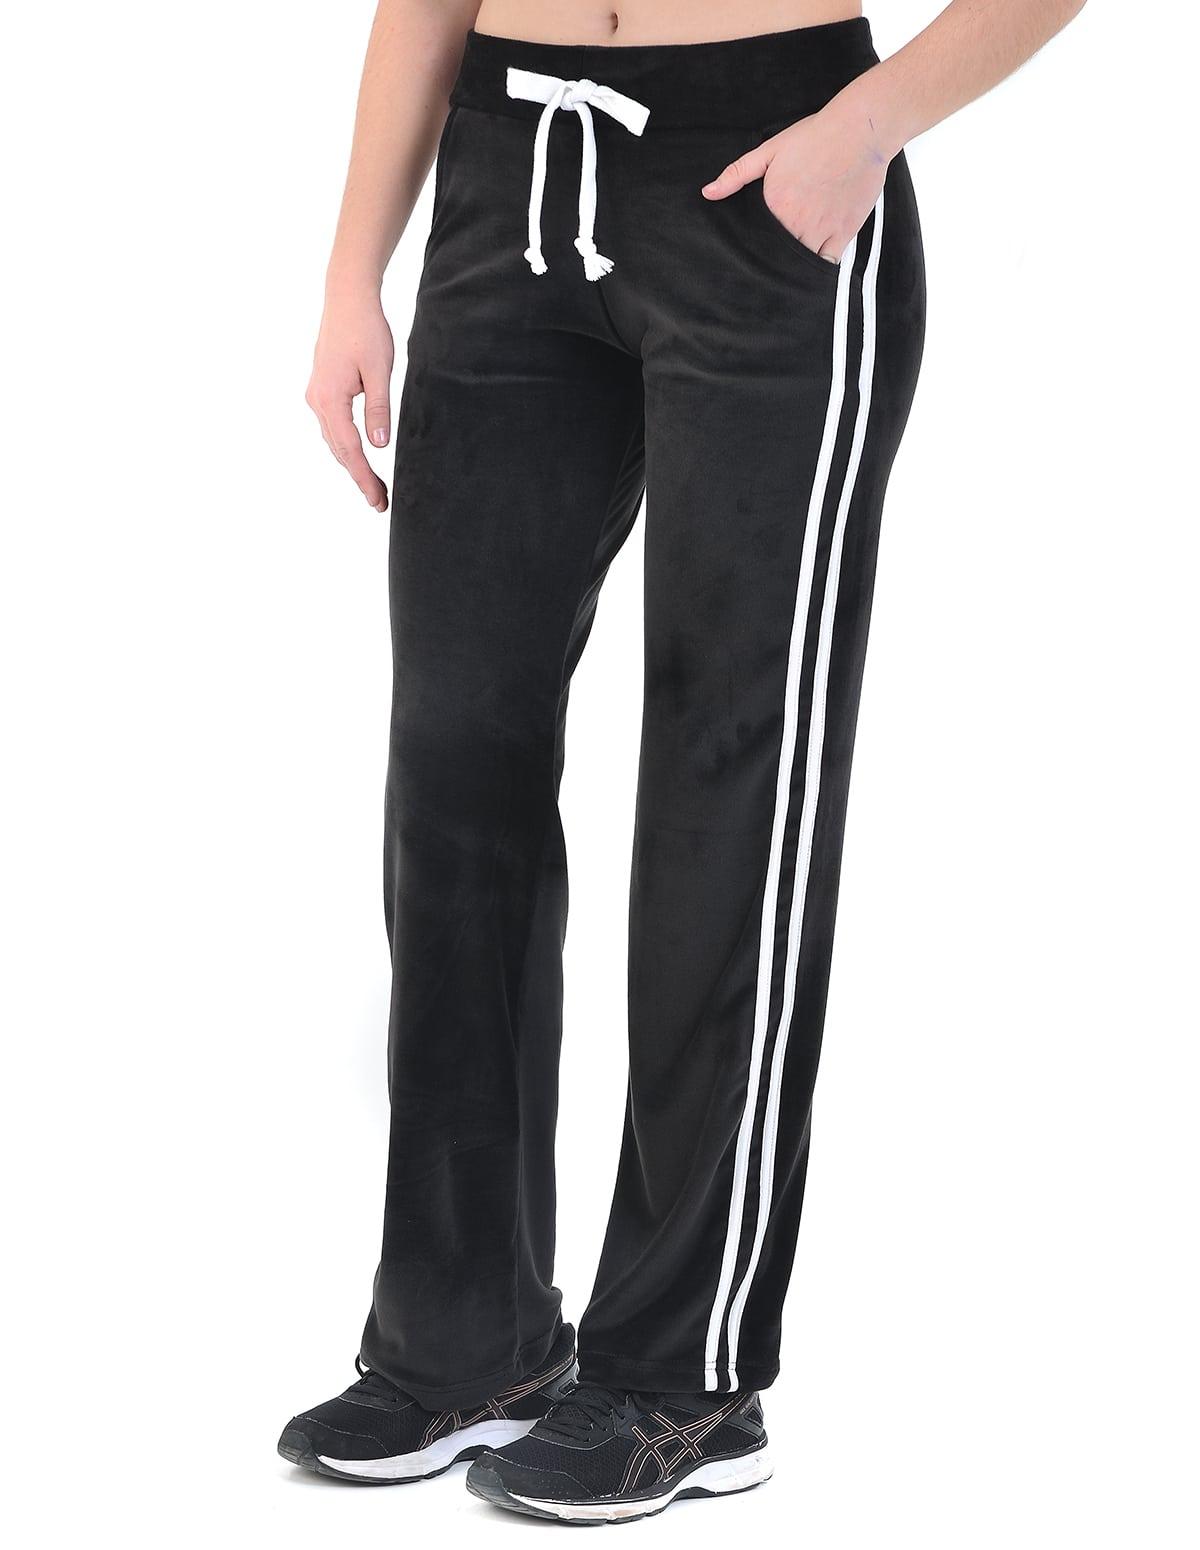 Γυναικείο παντελόνι φόρμας βελουτέ σε ίσια γραμμή χρώμα μαύρο - vactive.gr 2724f8ec4d8